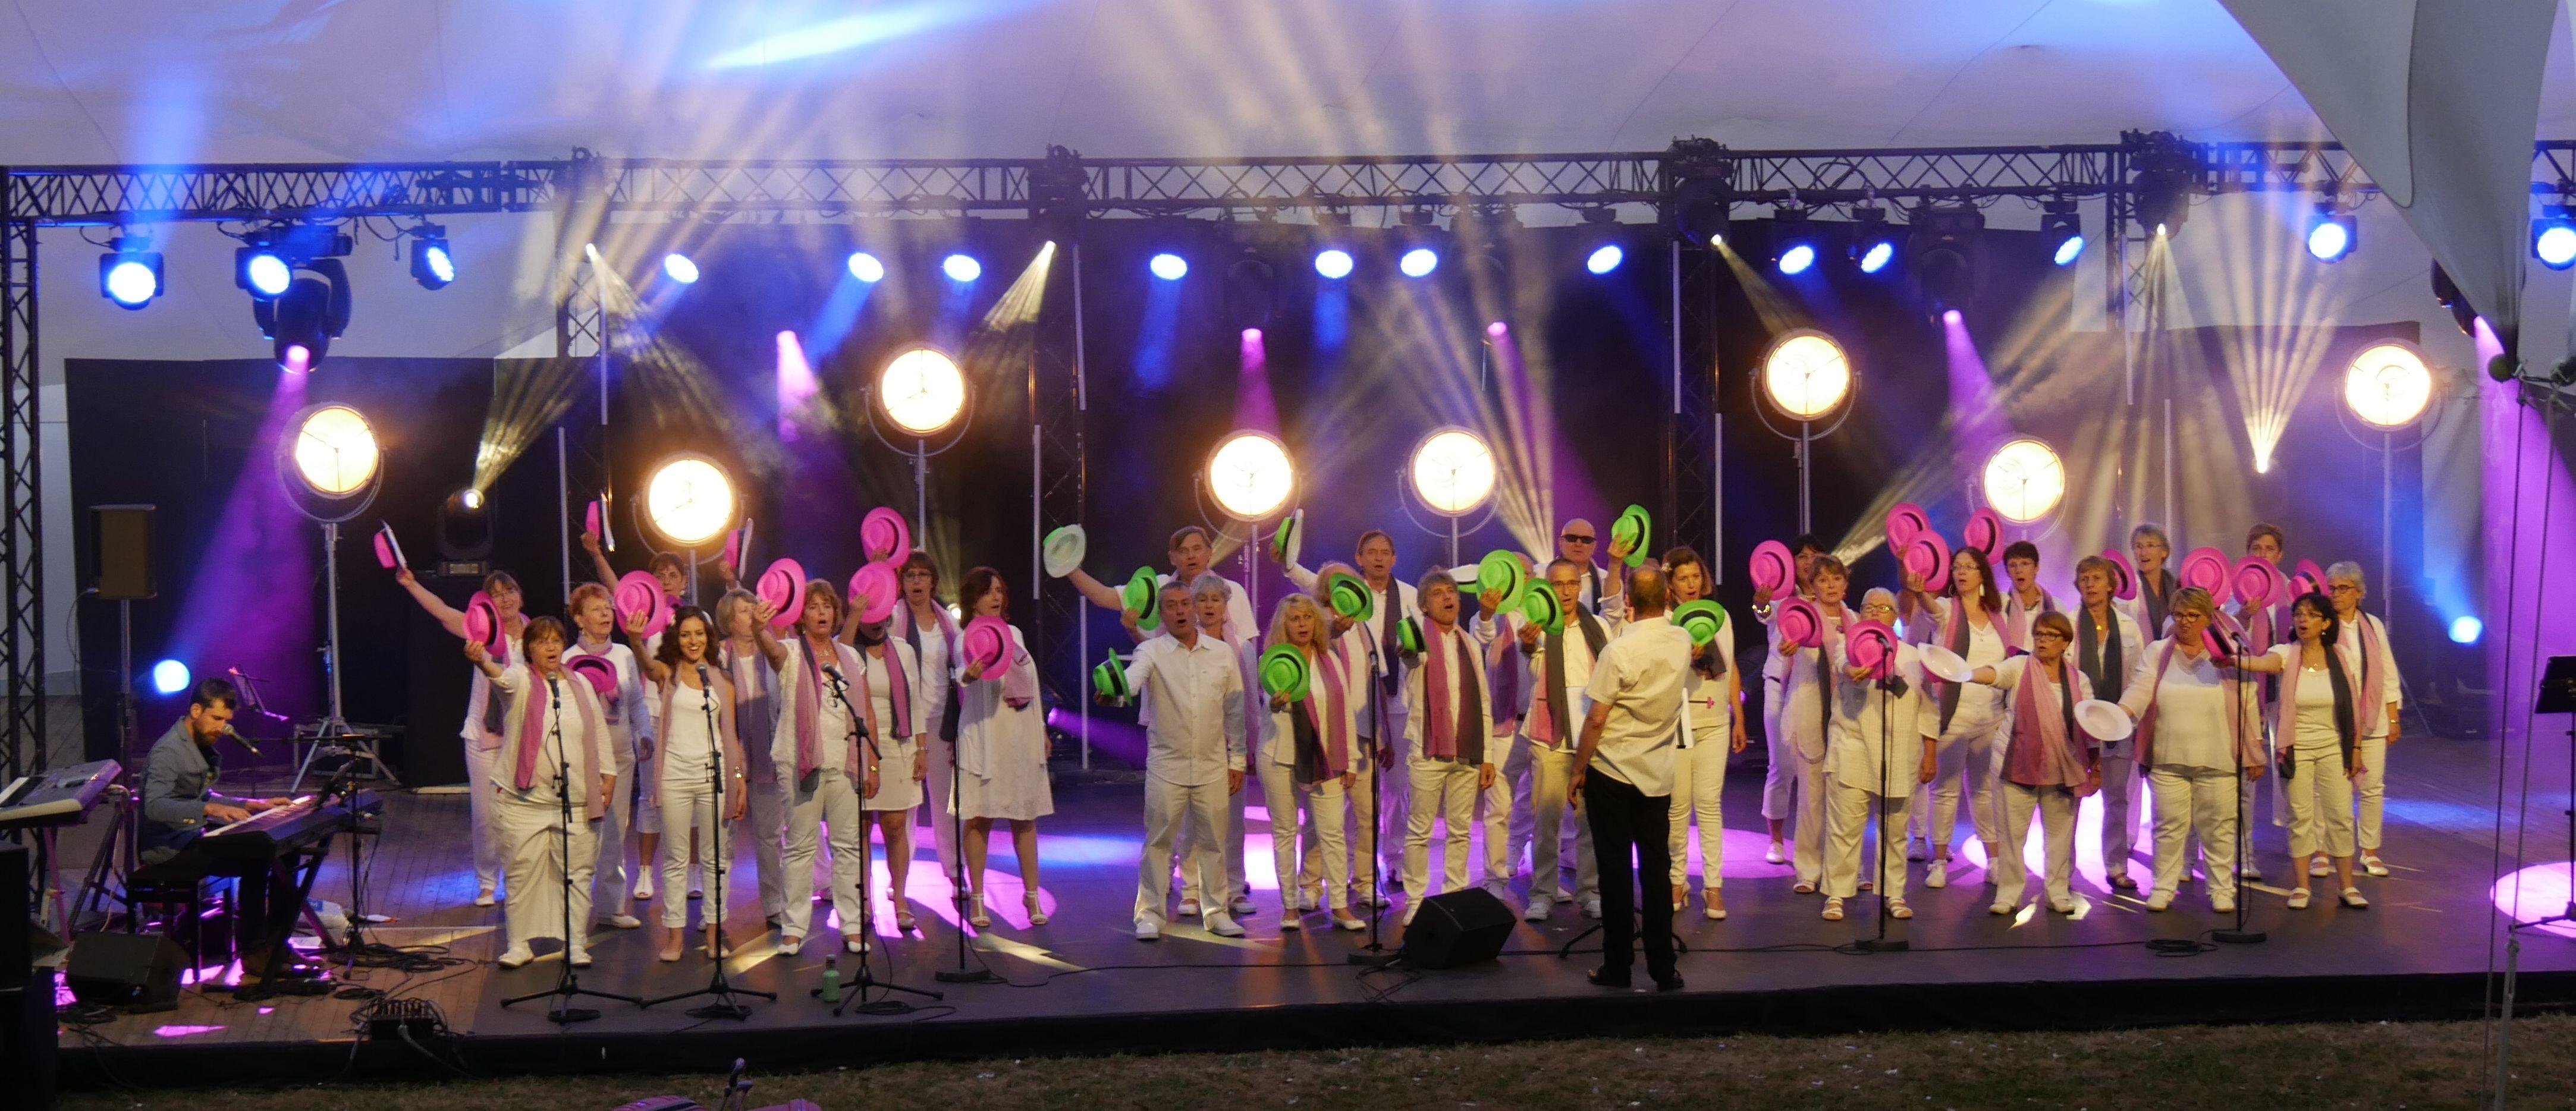 Concert Atoutchoeur juin 2017 P1060930